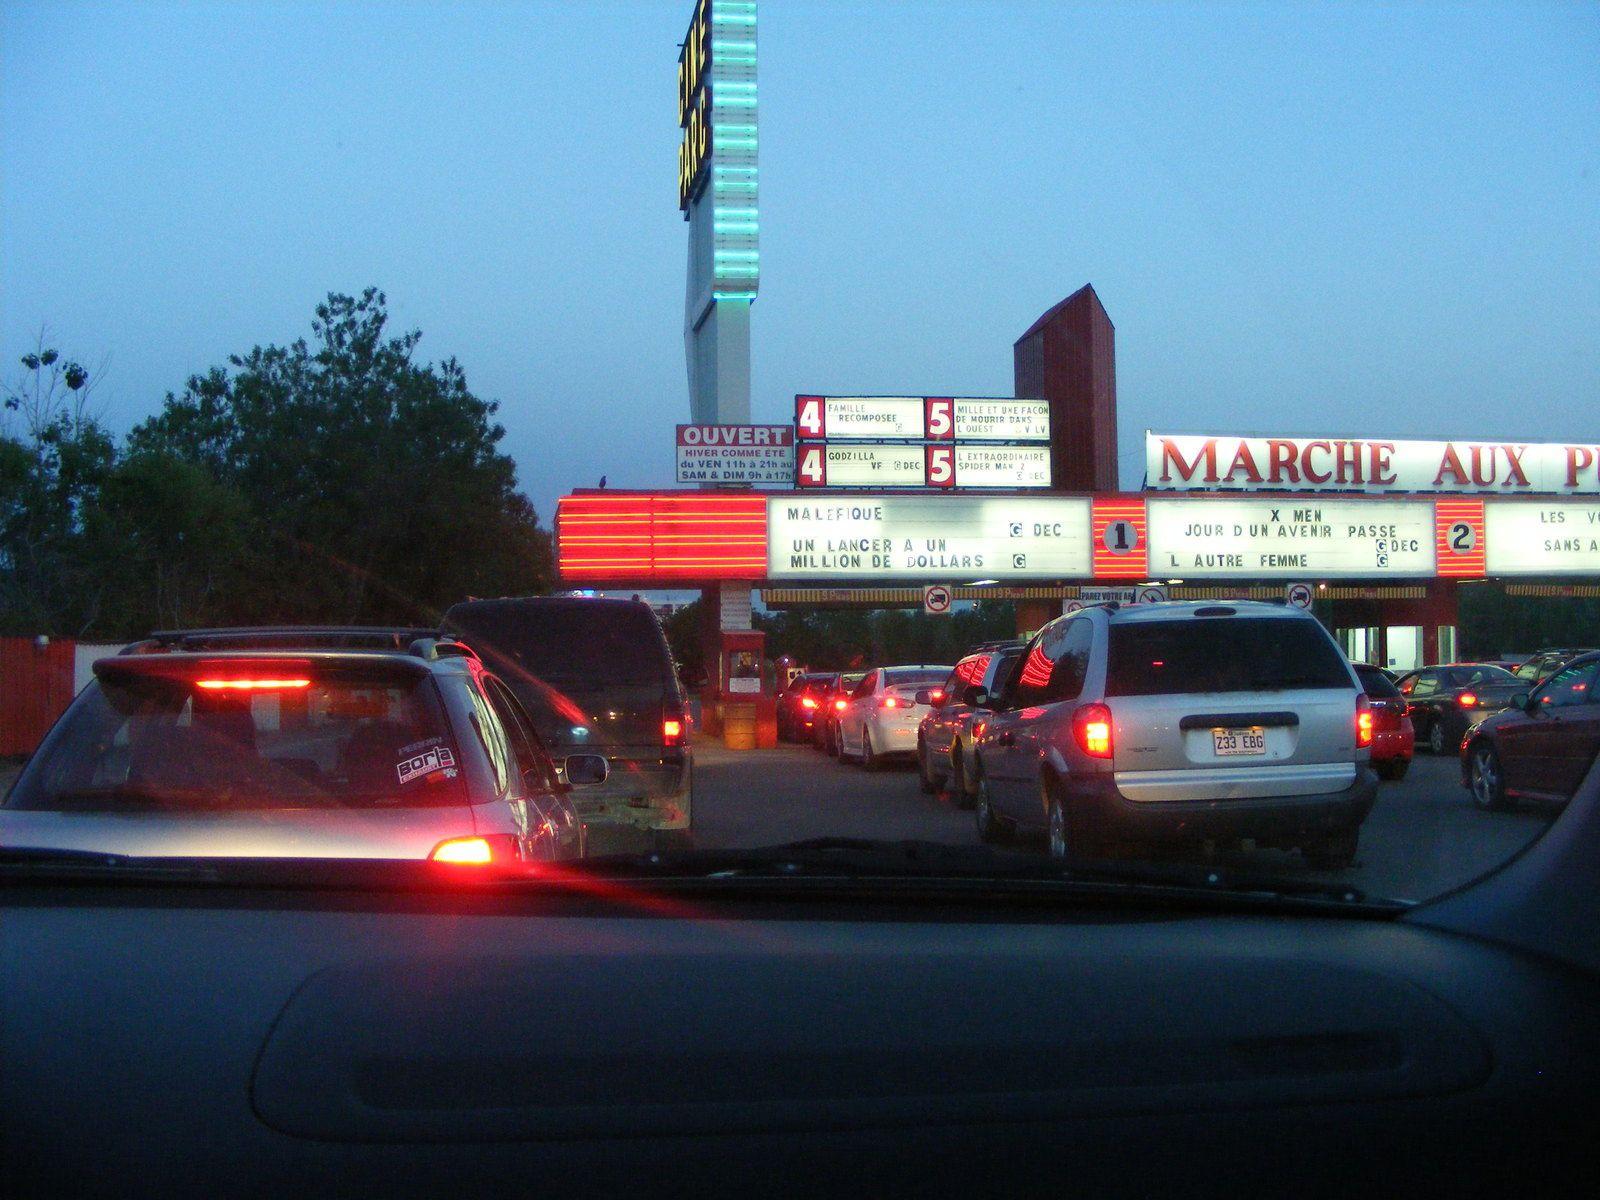 Une soirée au ciné-parc